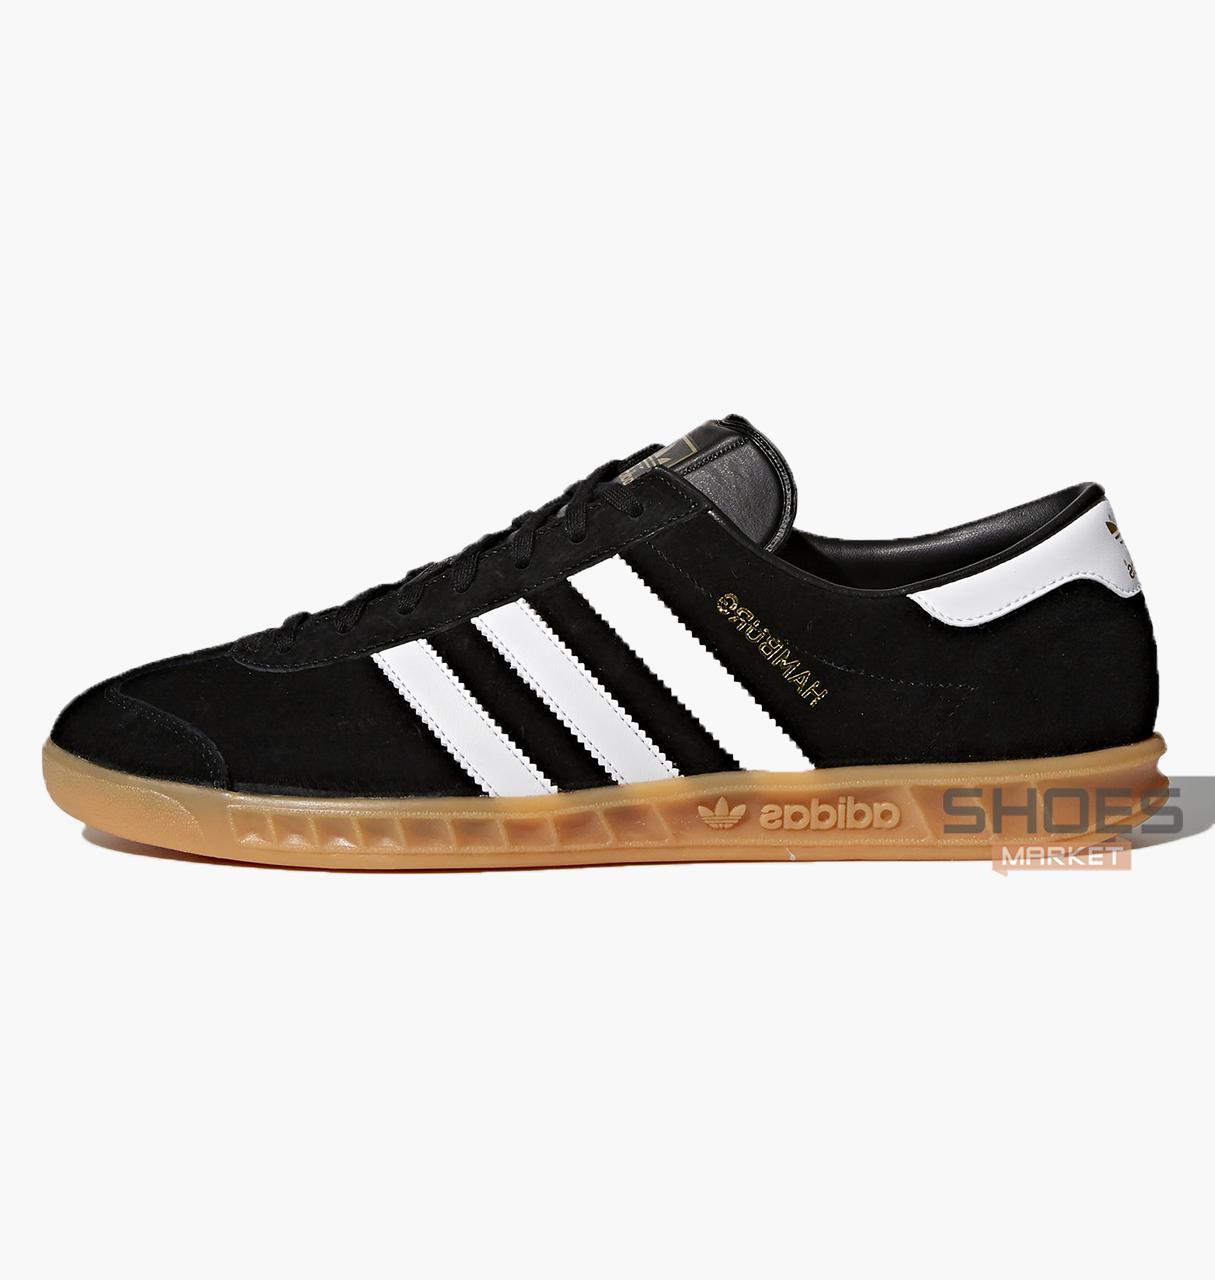 9dd07217179a35 Мужские кроссовки Adidas Hamburg Black S76696, оригинал - Интернет-магазин  обуви и одежды в